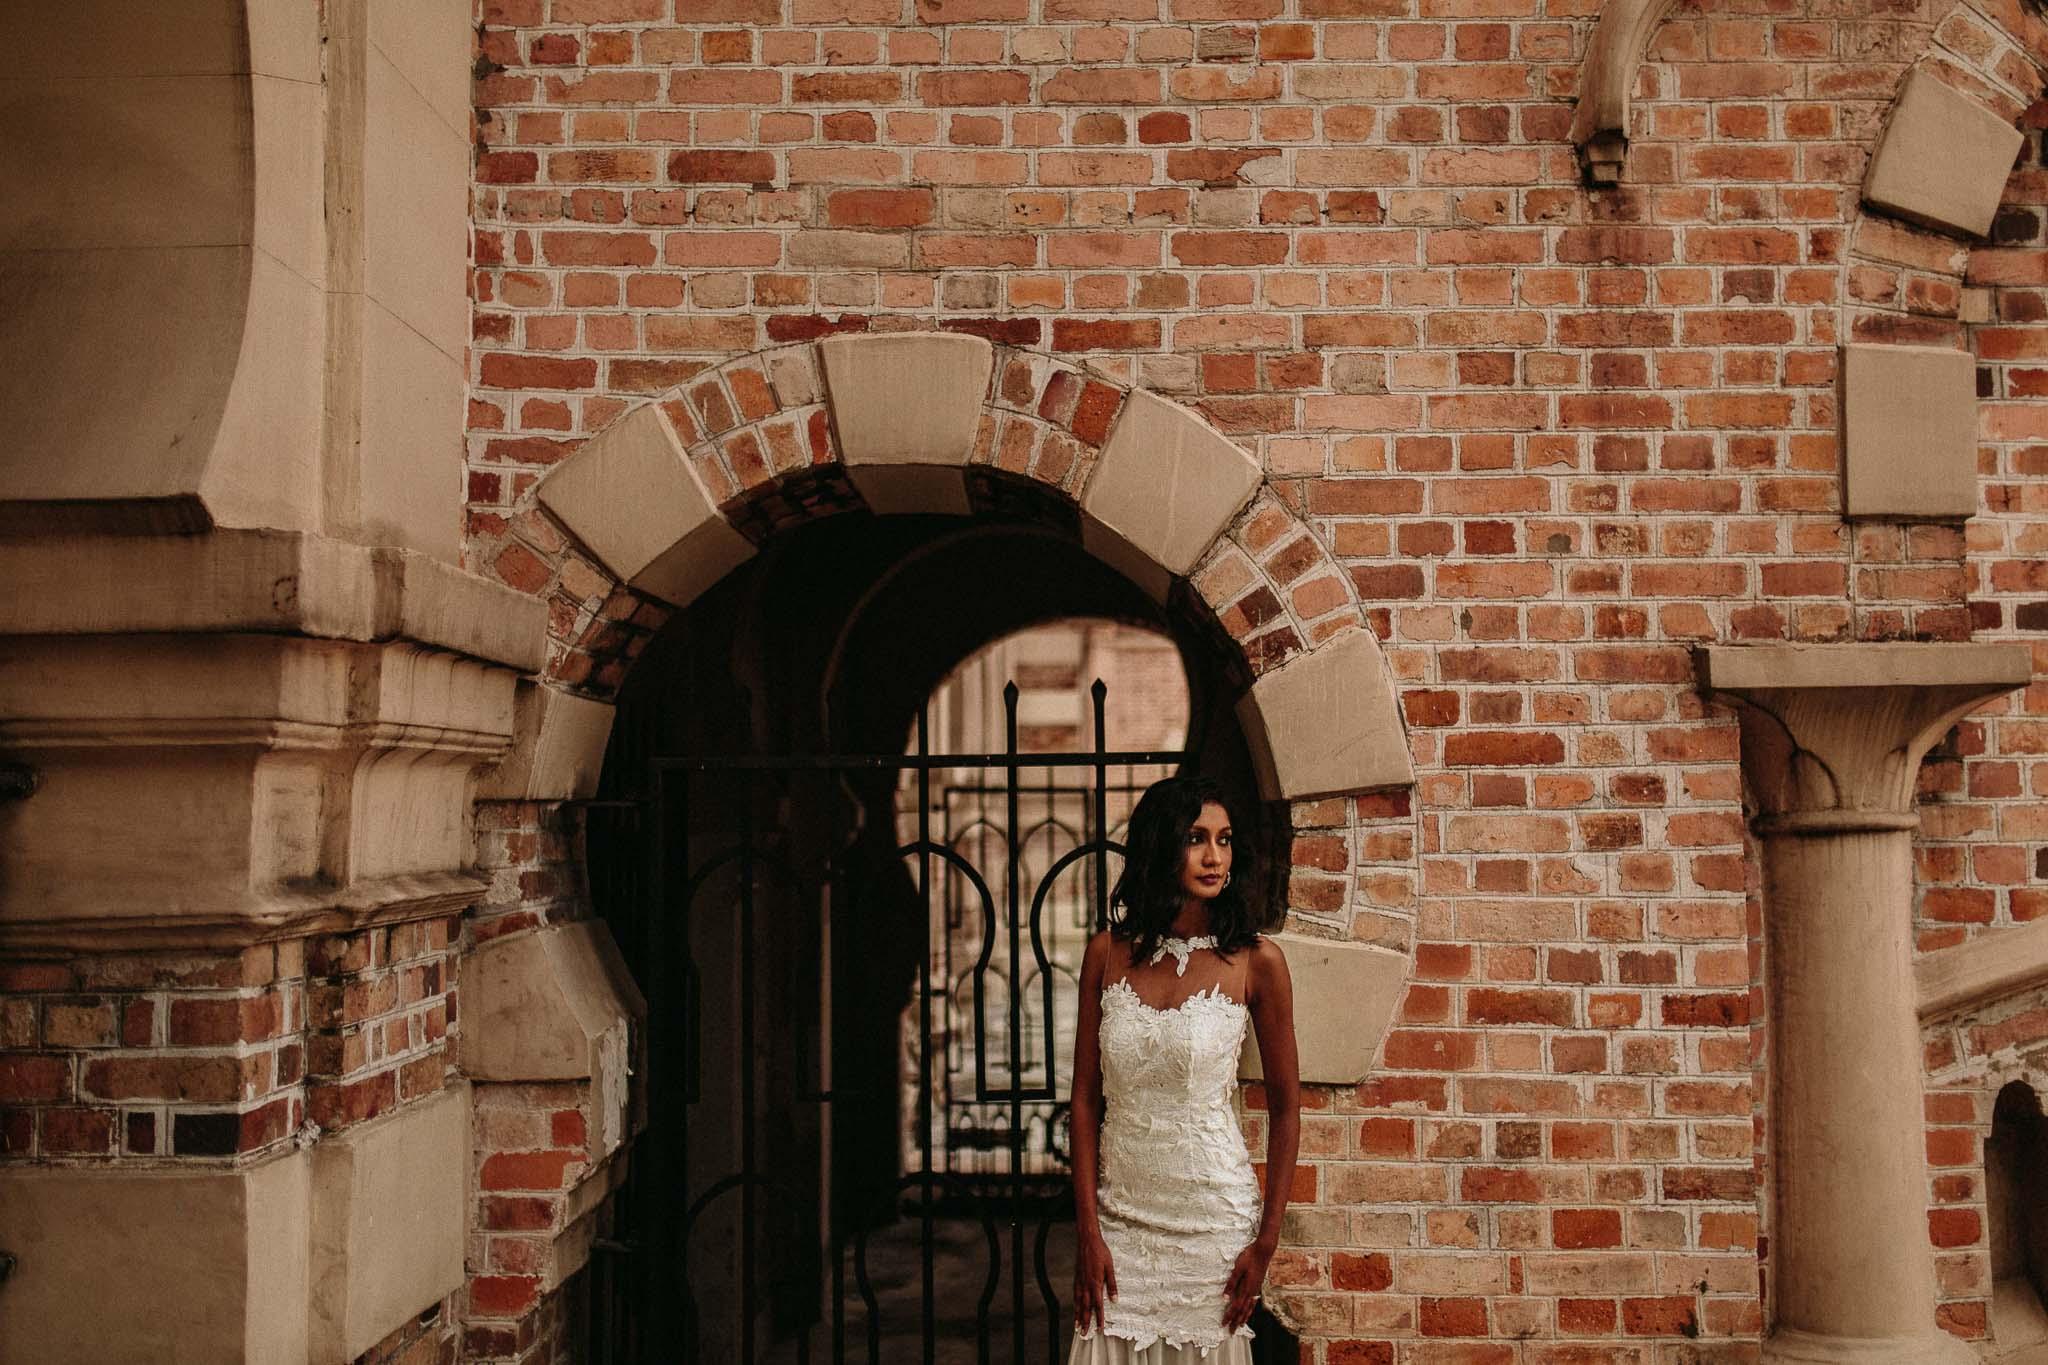 u&m-weddingsbyqay-lovesession-destinationweddingphotographer (143 of 160).jpg